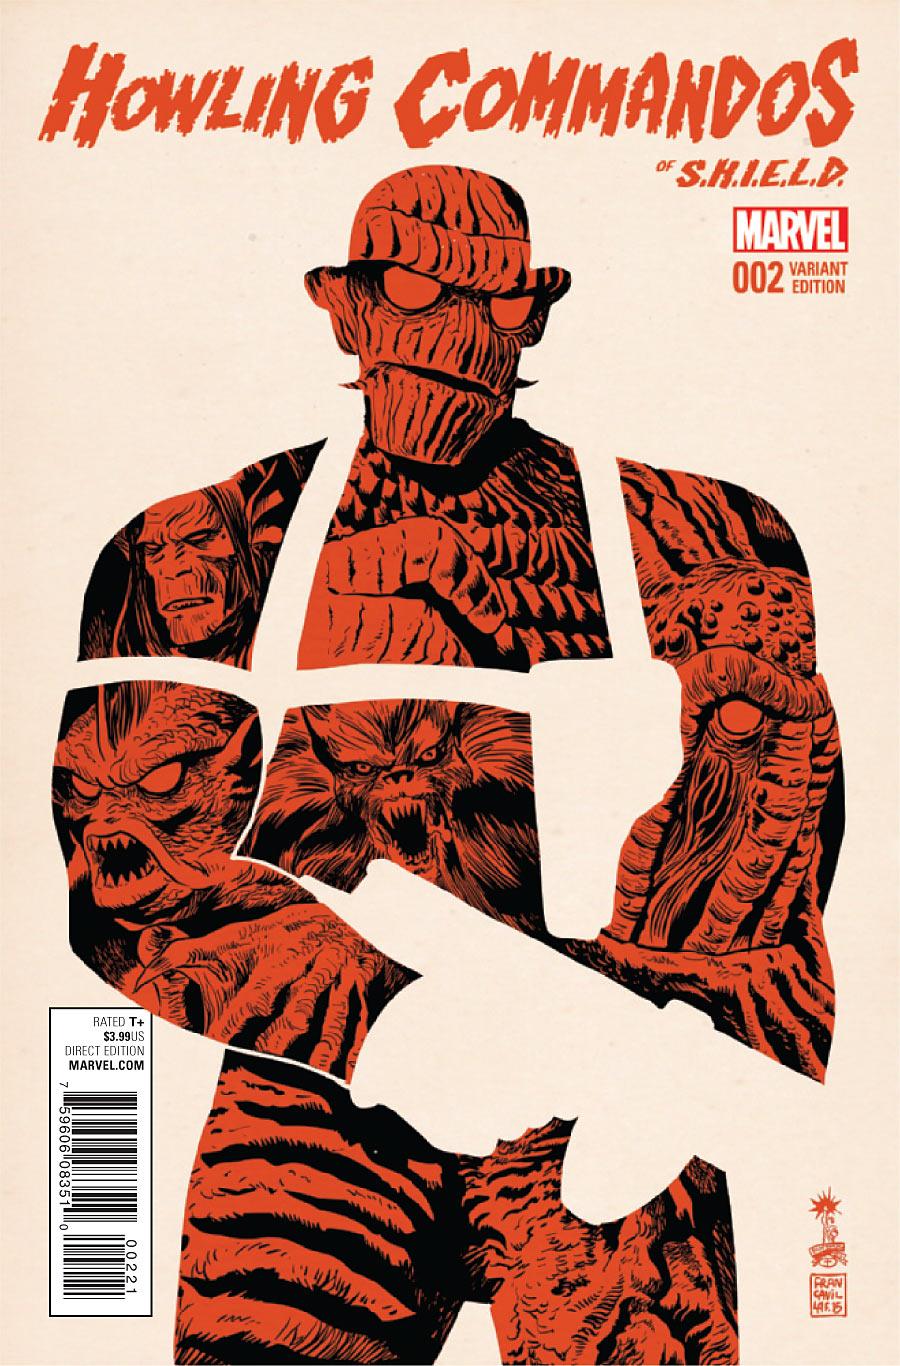 Howling Commandos of S.H.I.E.L.D. Vol 1 2 Francavilla Variant.jpg